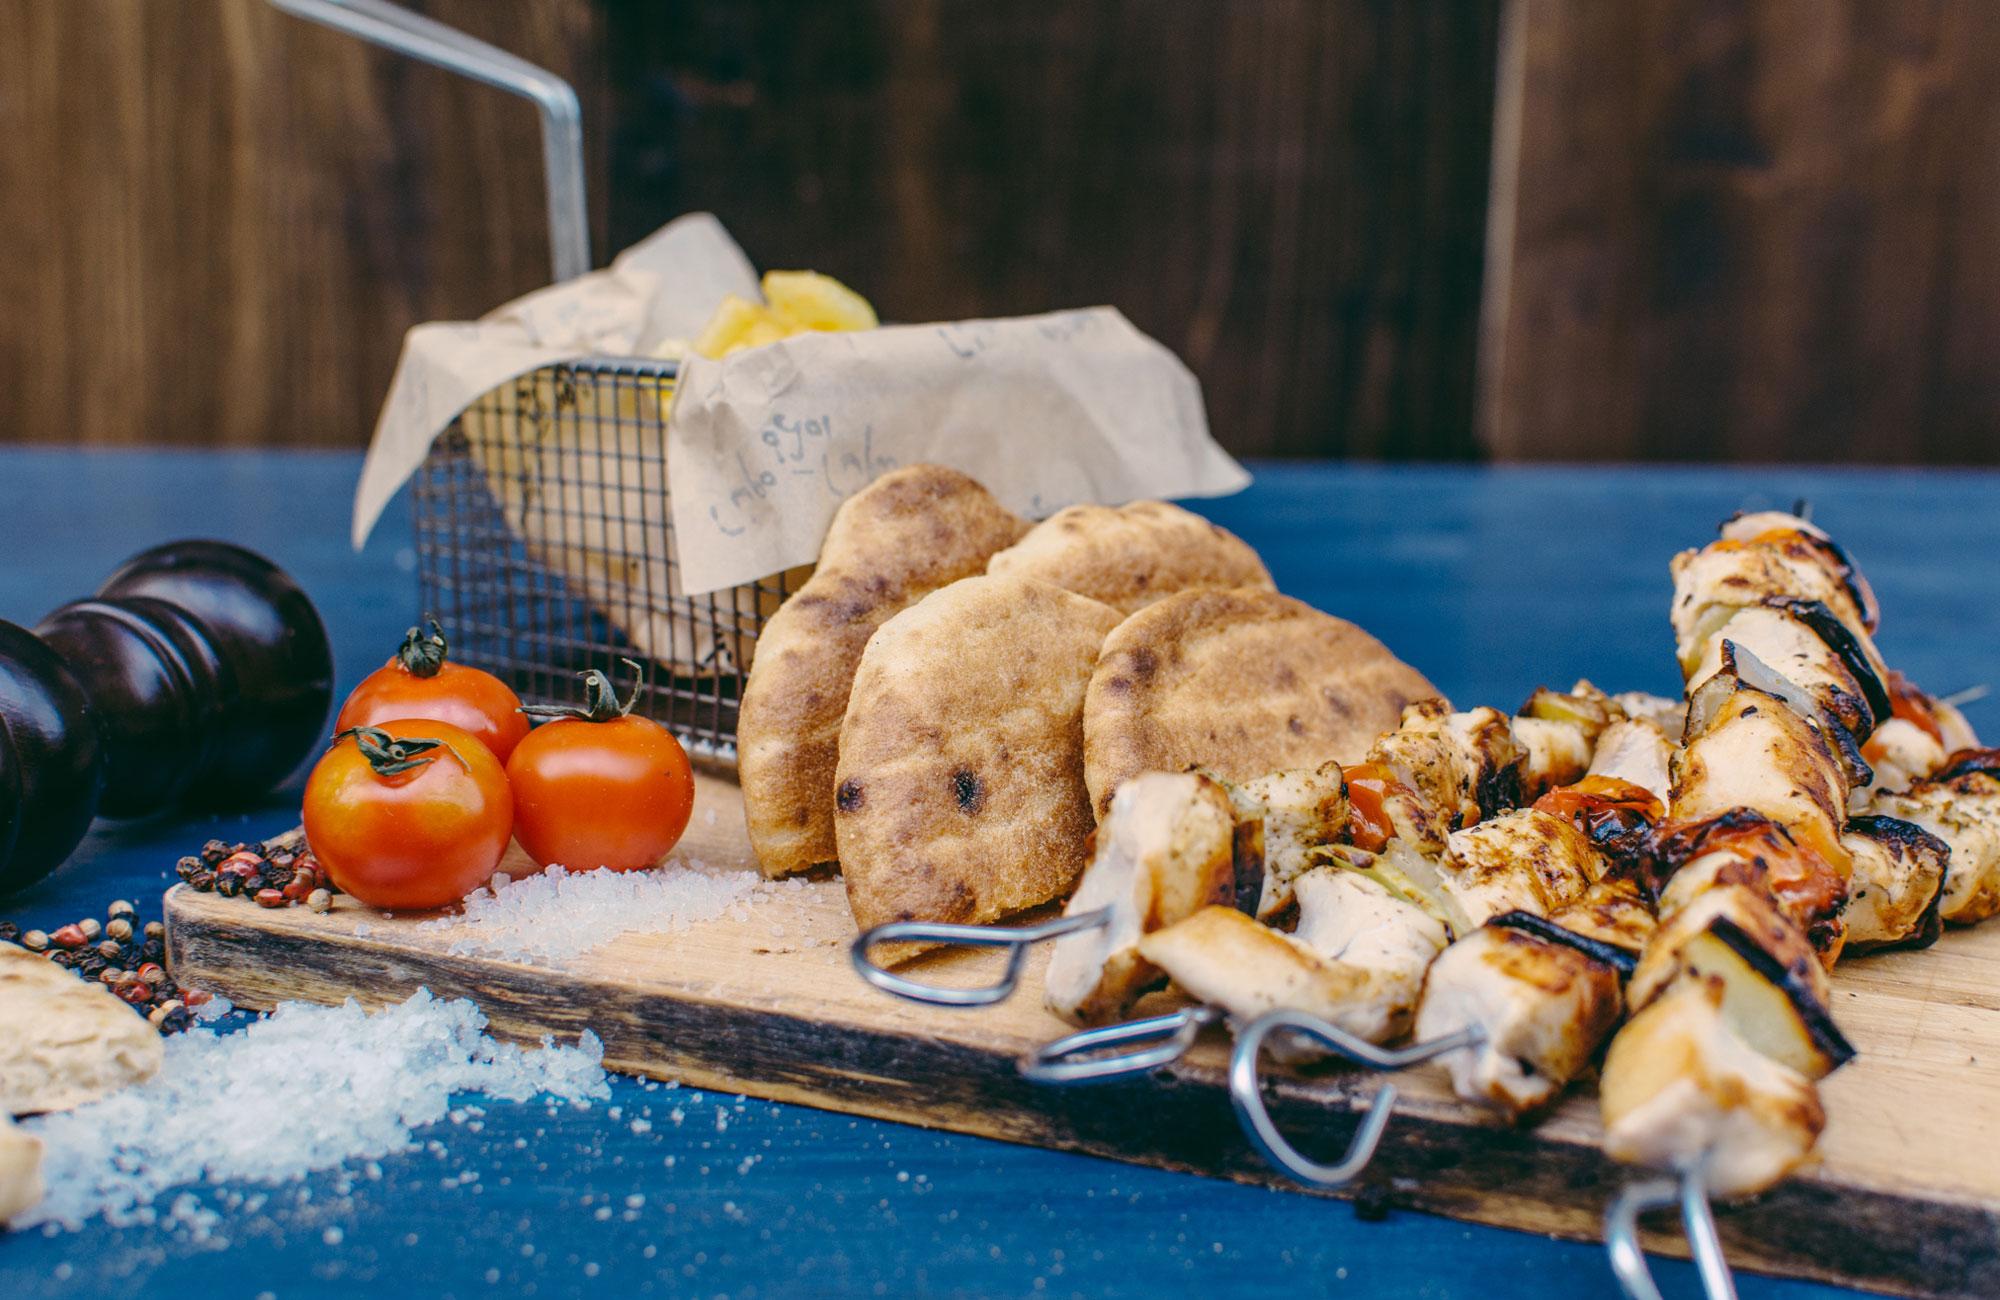 πίτες για σουβλάκια, souvlaki, souvlaki pita, pitaki, πιτακι, πιτακια, mini pita